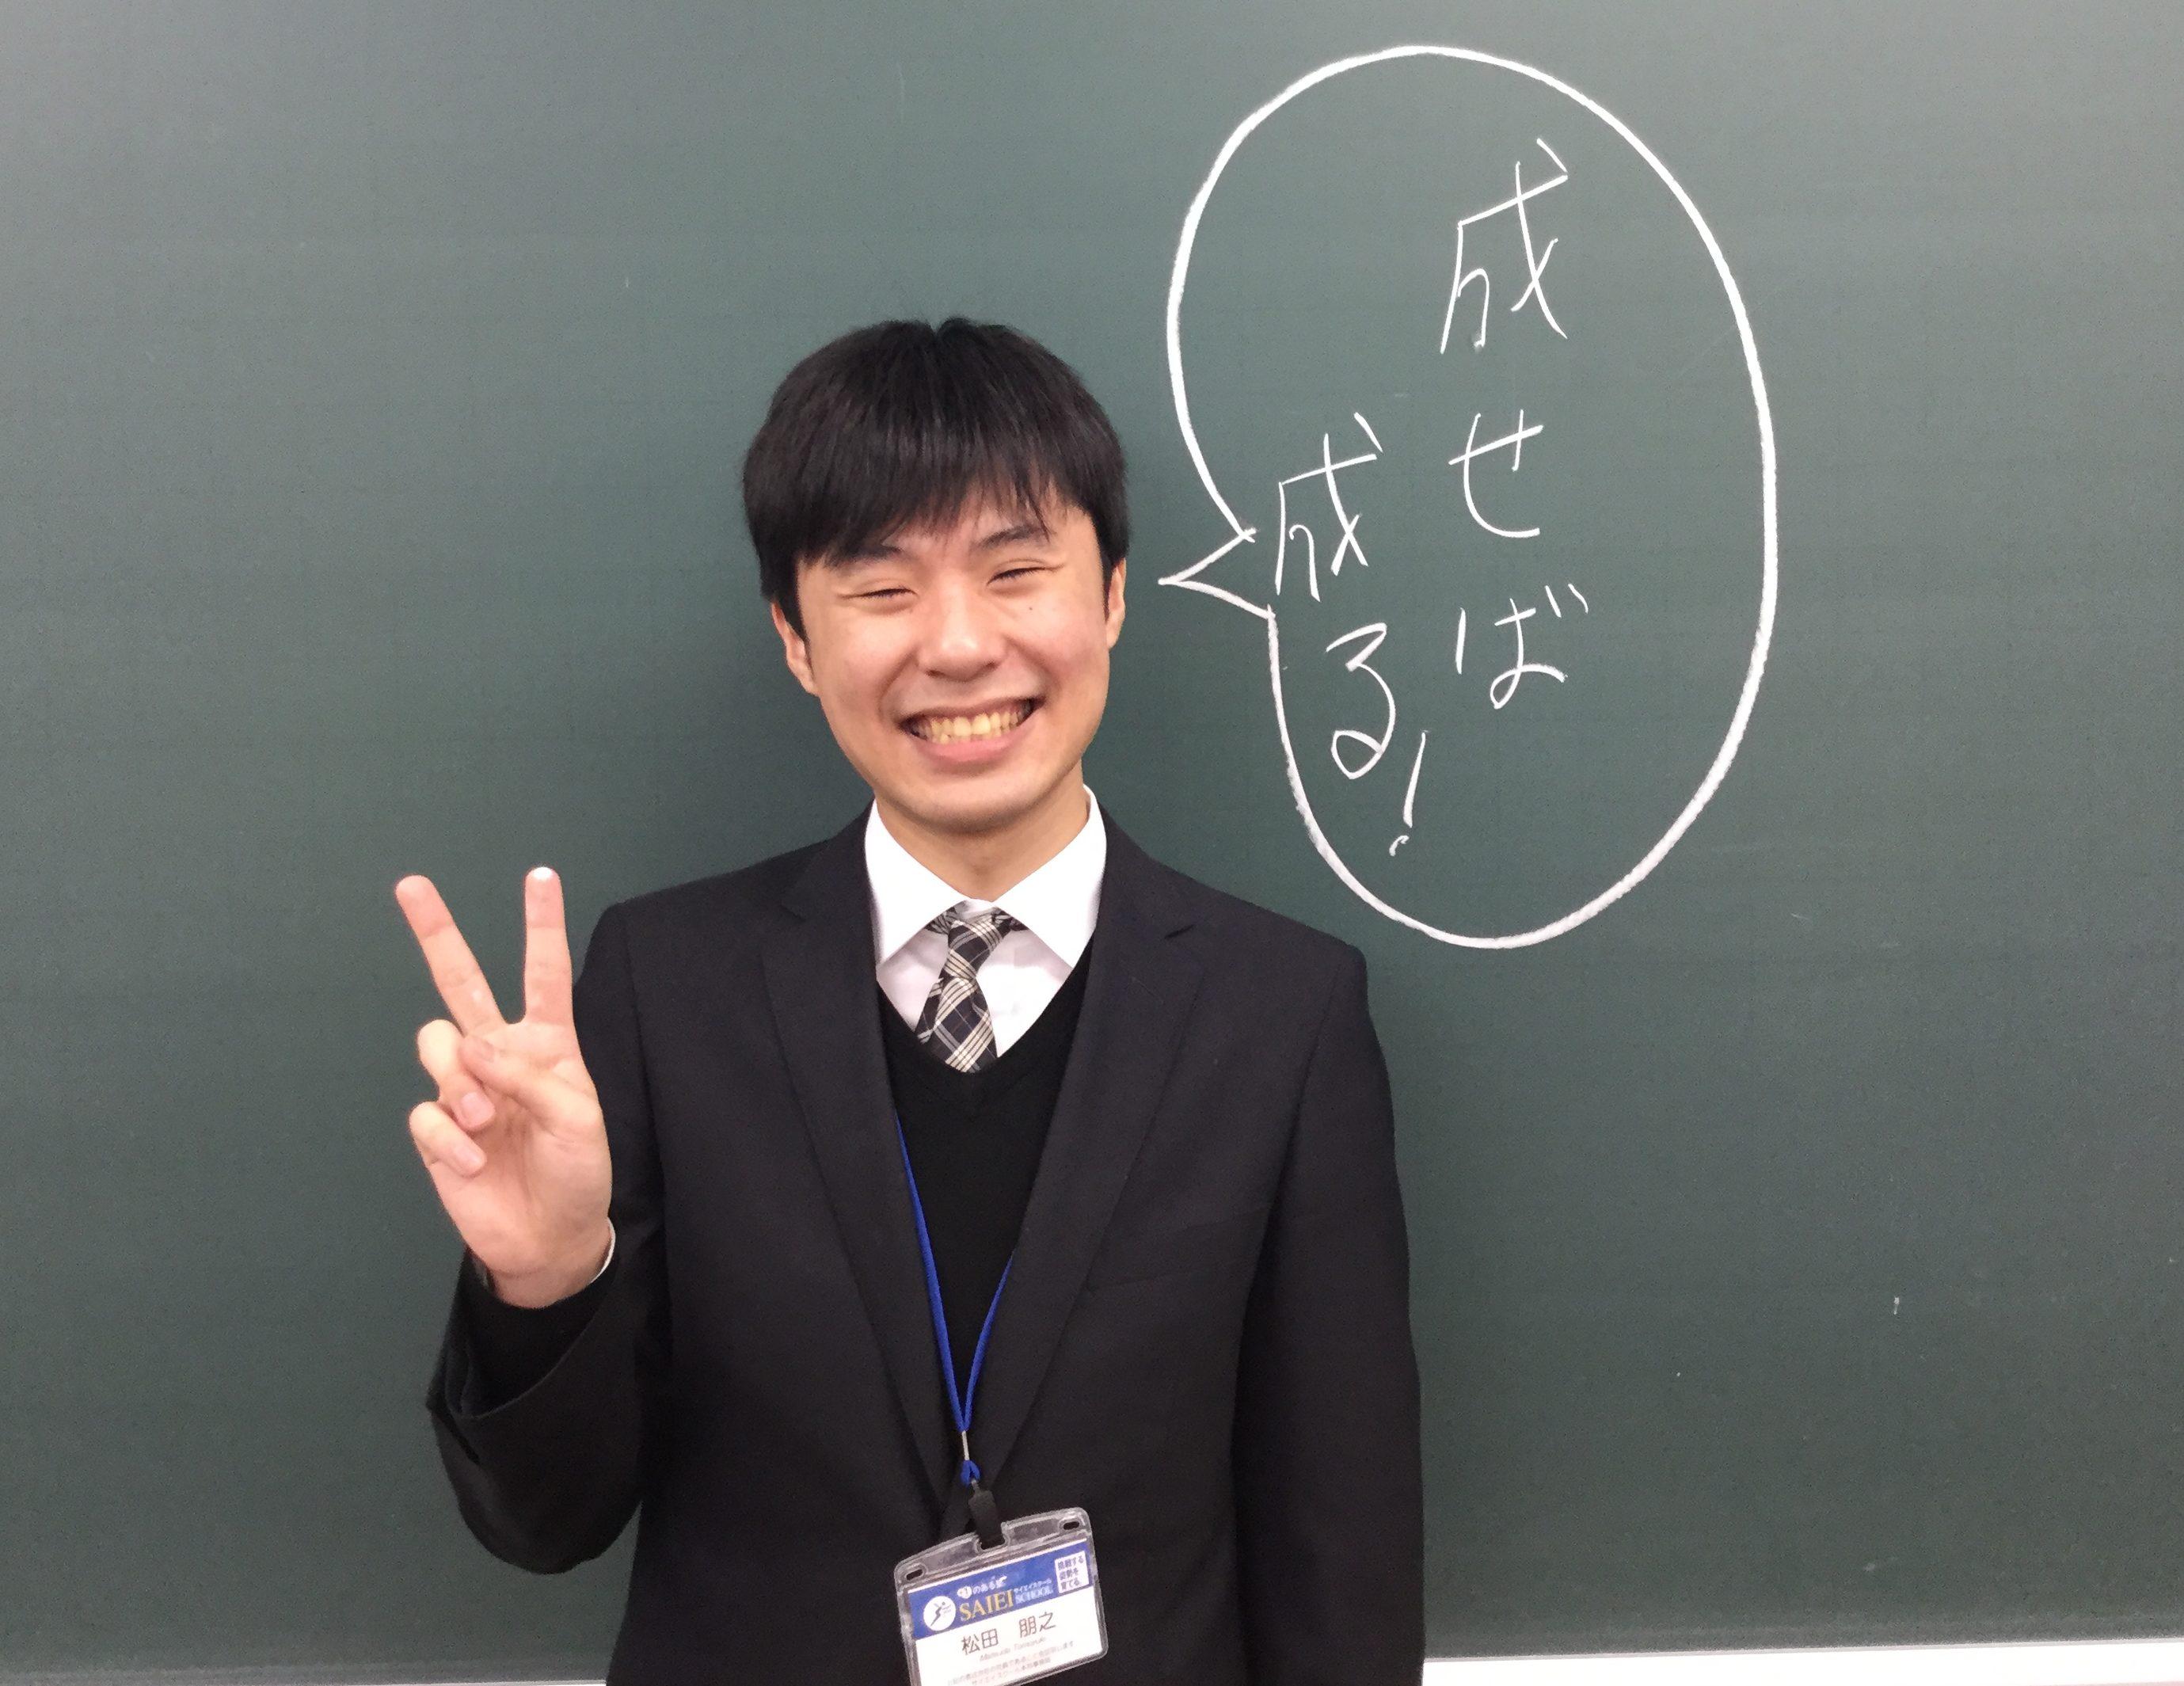 算数\数学・理科 松田朋之